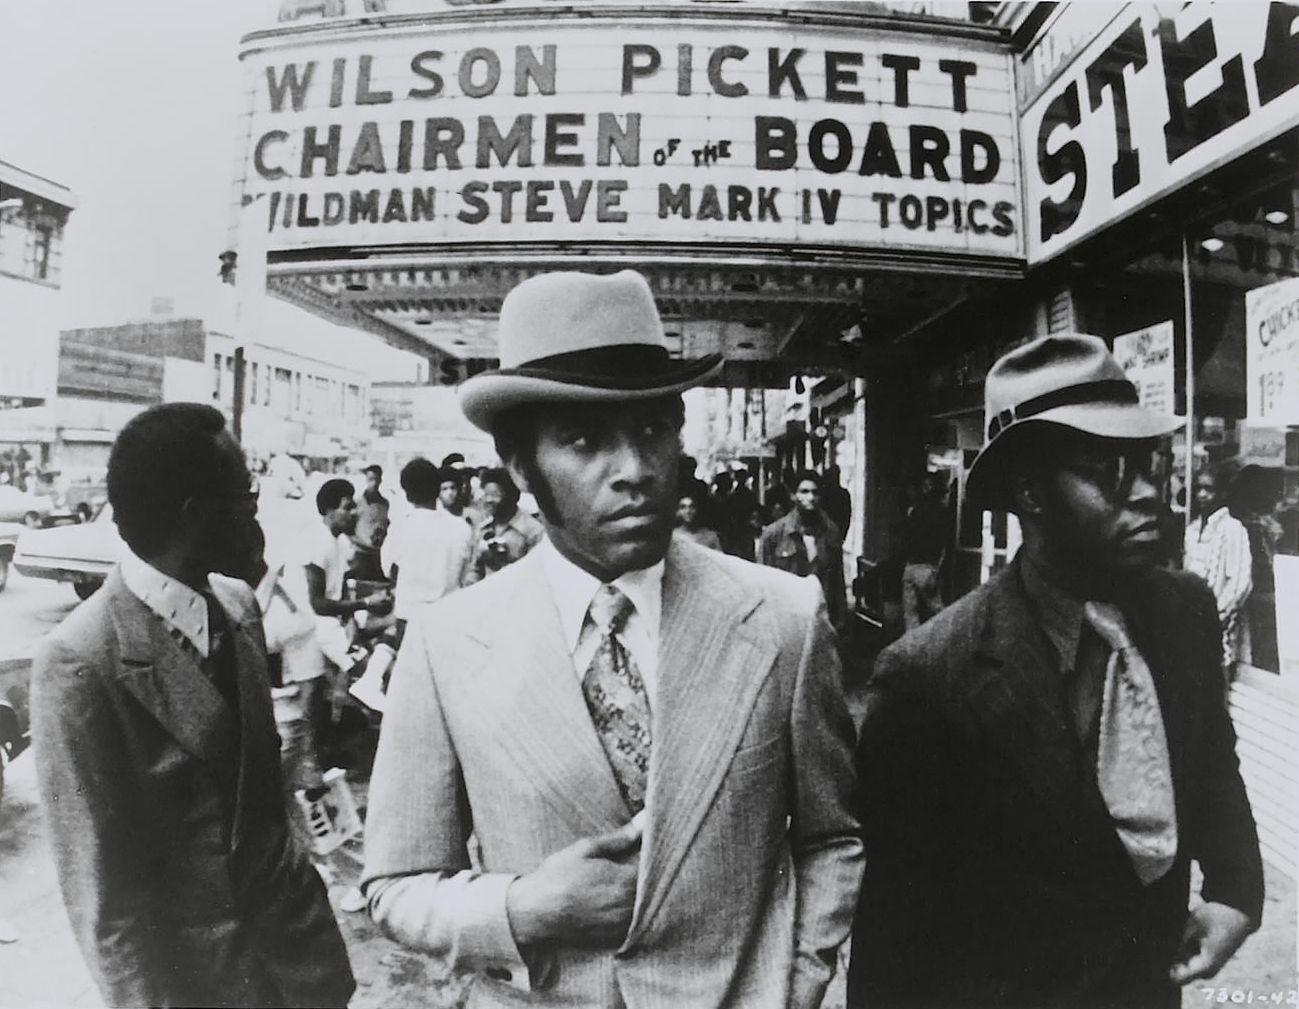 Excesos sino todo lo contrario himes critica furiosamente el racismo que sufren los negros en am rica en aquellos a os y en 1953 pone oc ano de por medio